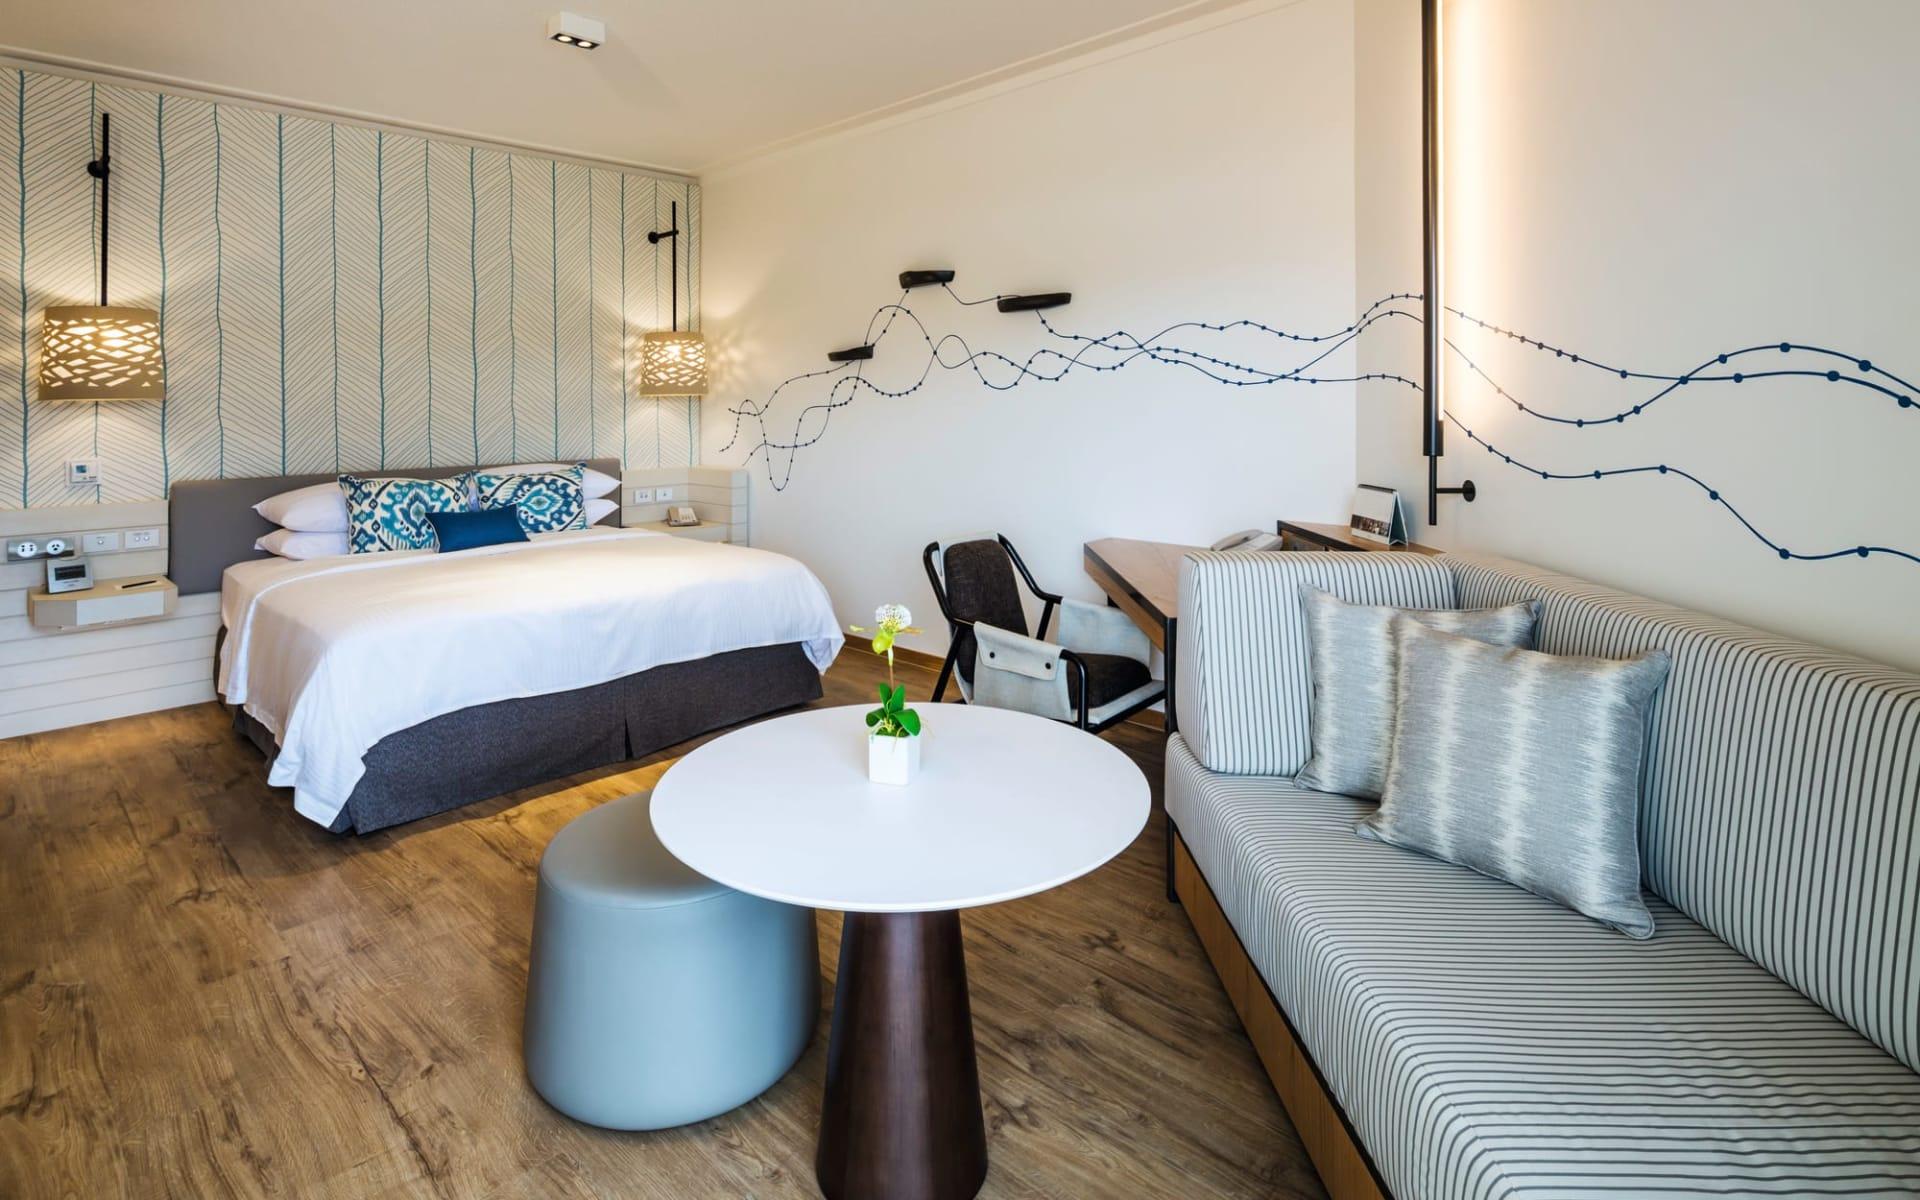 Shangri-La Hotel The Marina Cairns:  Shangri-La Hotel The Marina Cairns - Deluxe Sea View 2018